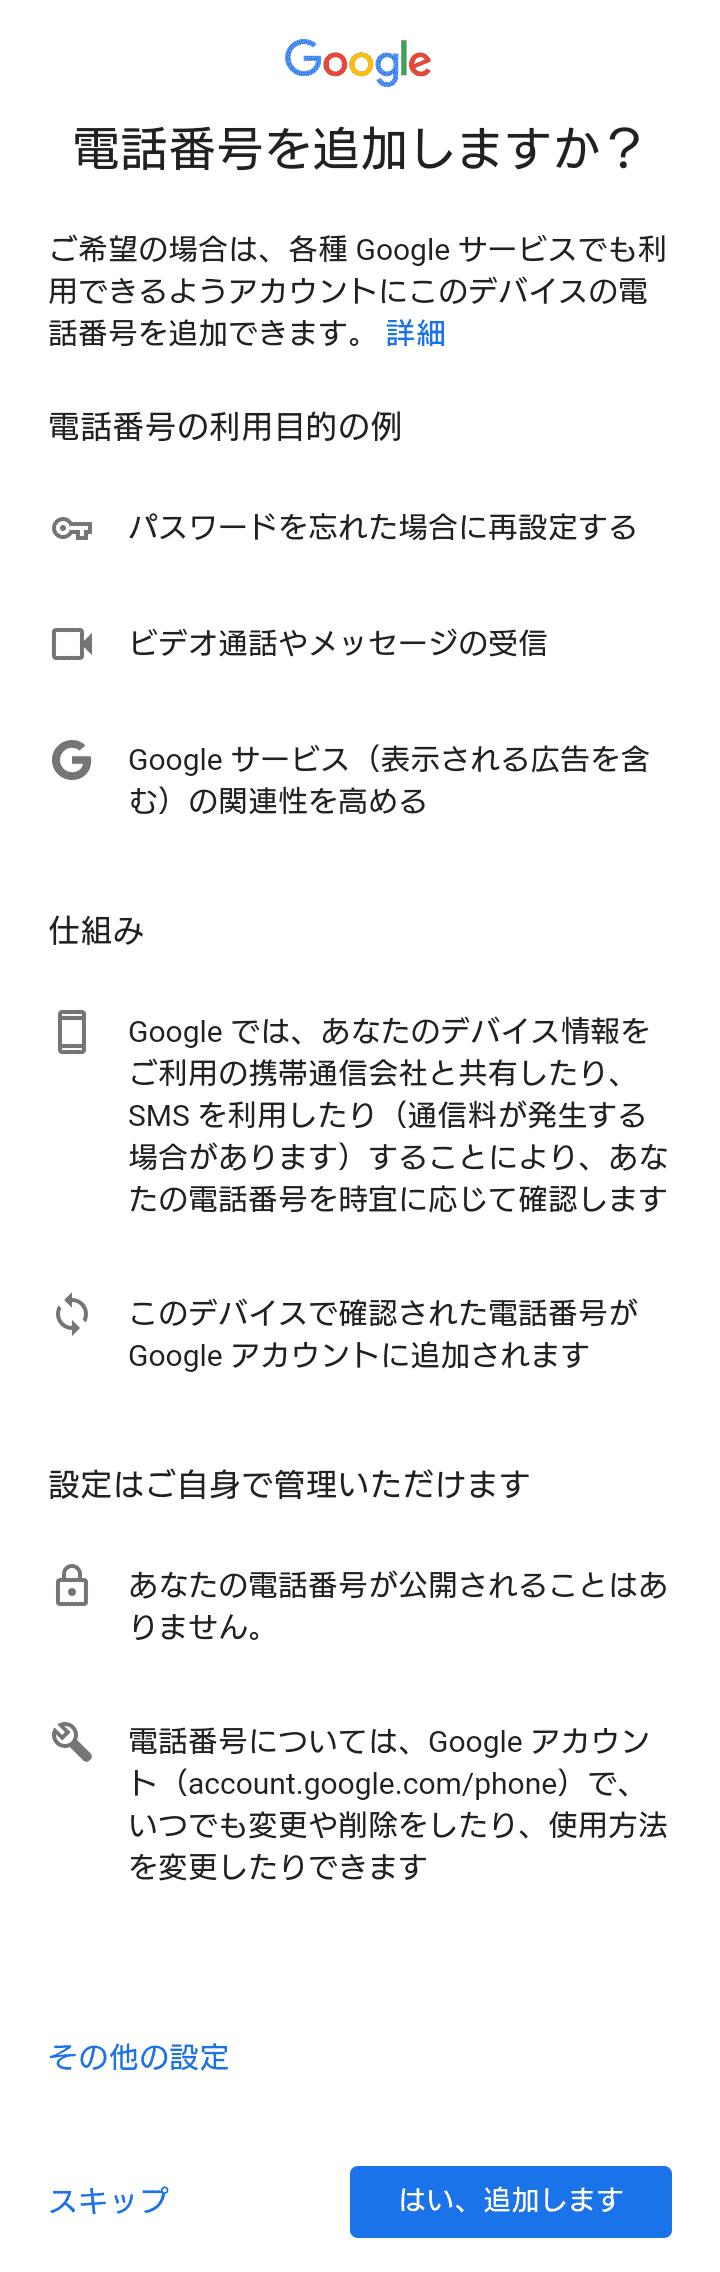 【スマホ編】iPhoneとAndroidでGmailアカウントを追加作成する手順